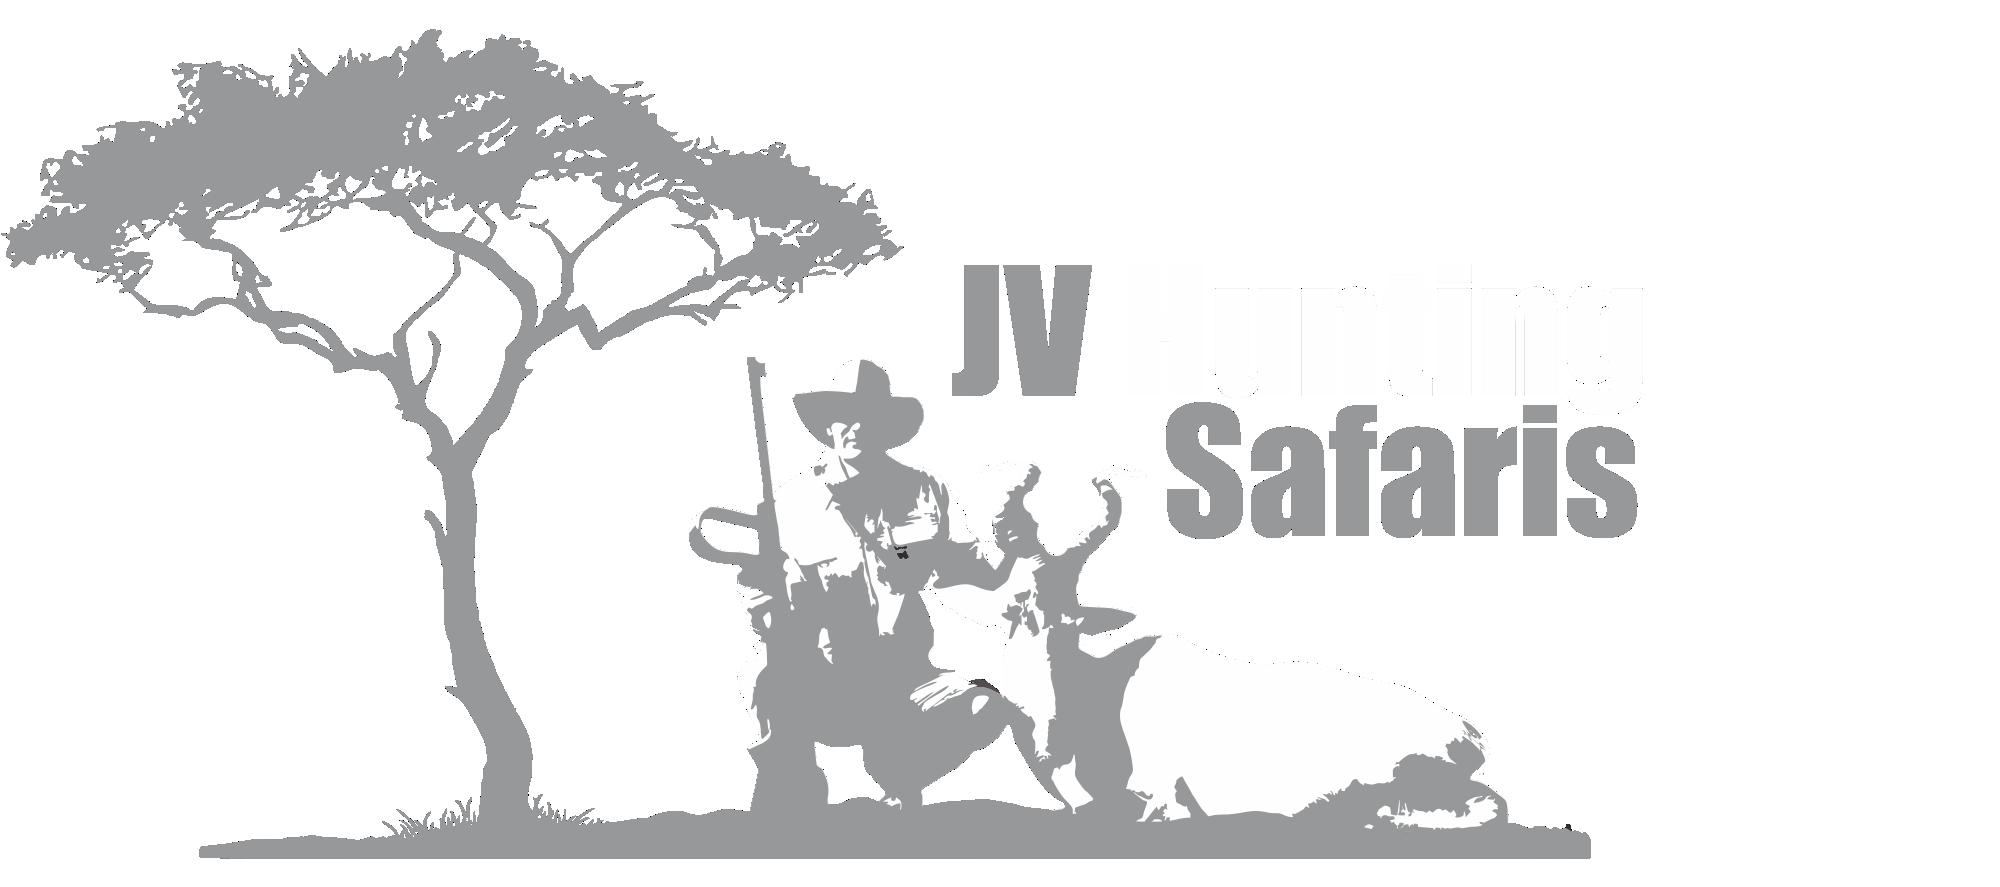 Jv hunting safaris . Hunter clipart british safari